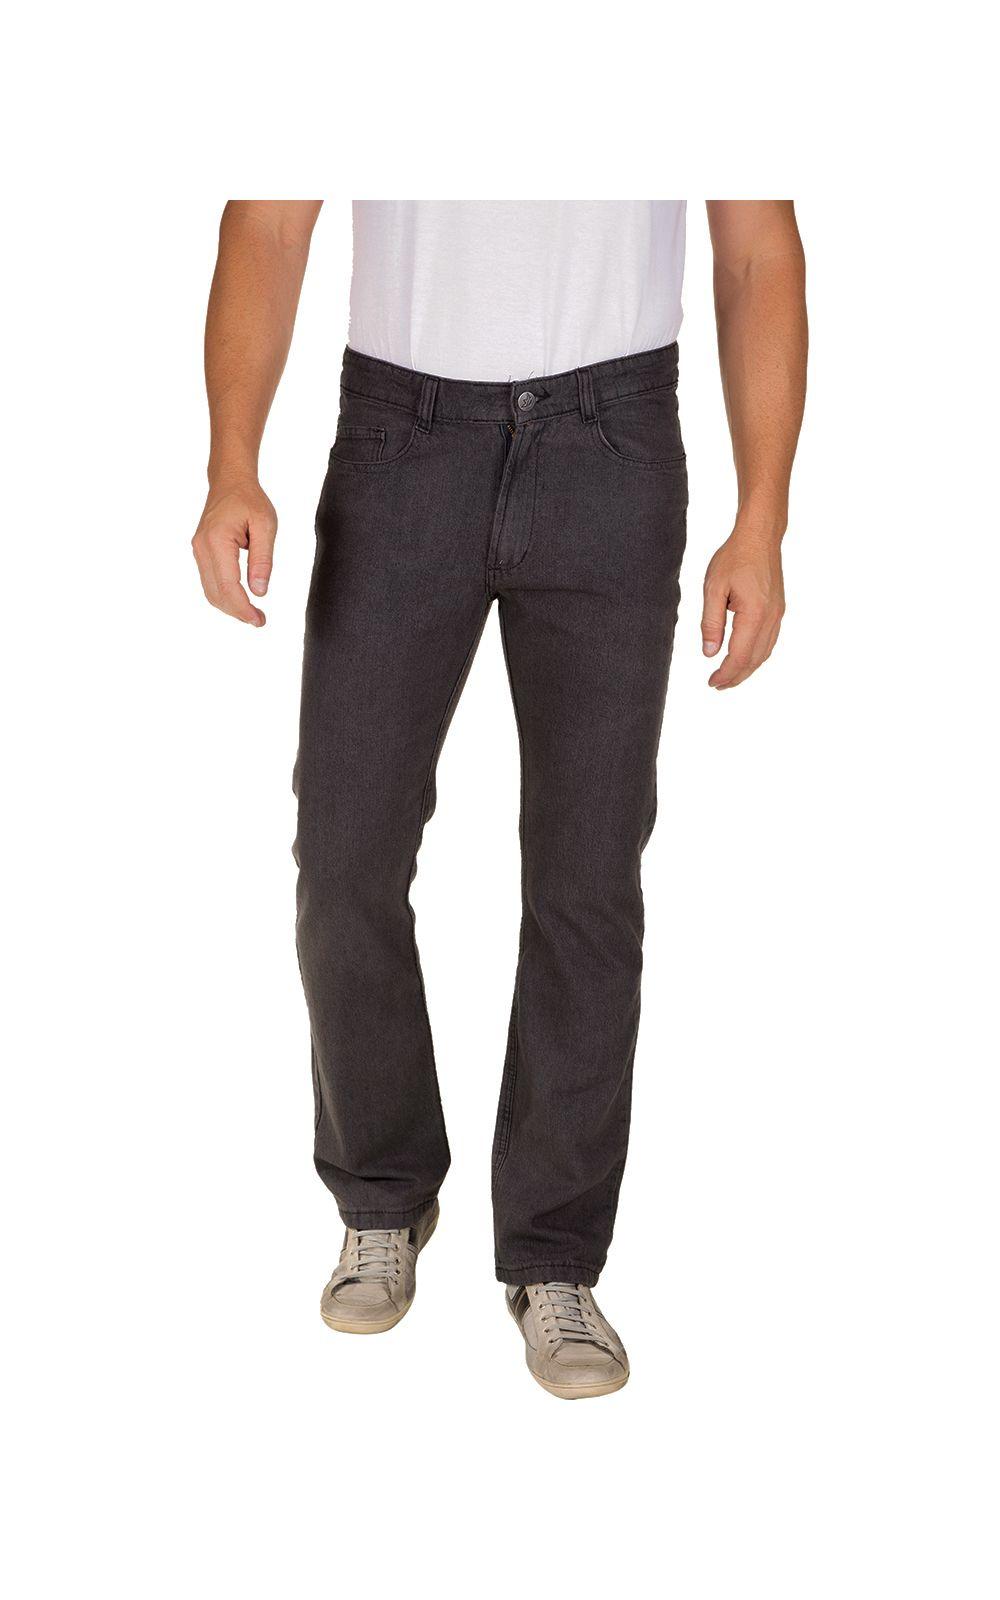 Foto 1 - Calça Jeans Masculina Preta Lisa